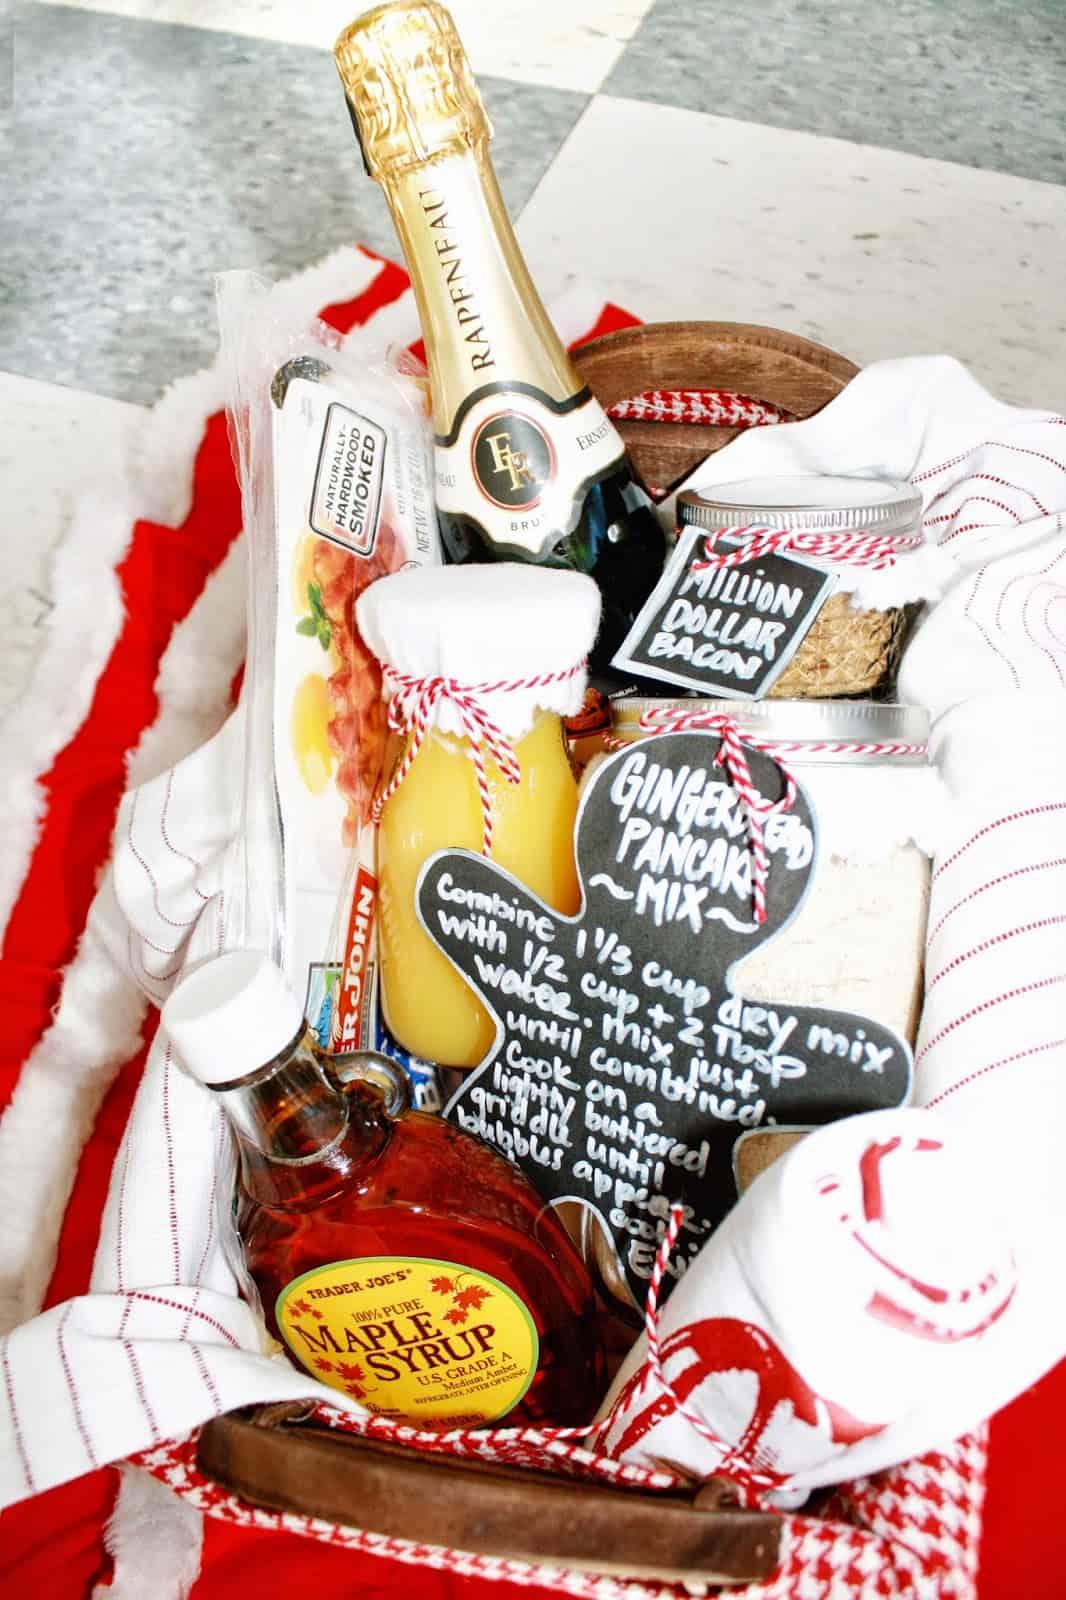 Pancake ingredients in a gift basket